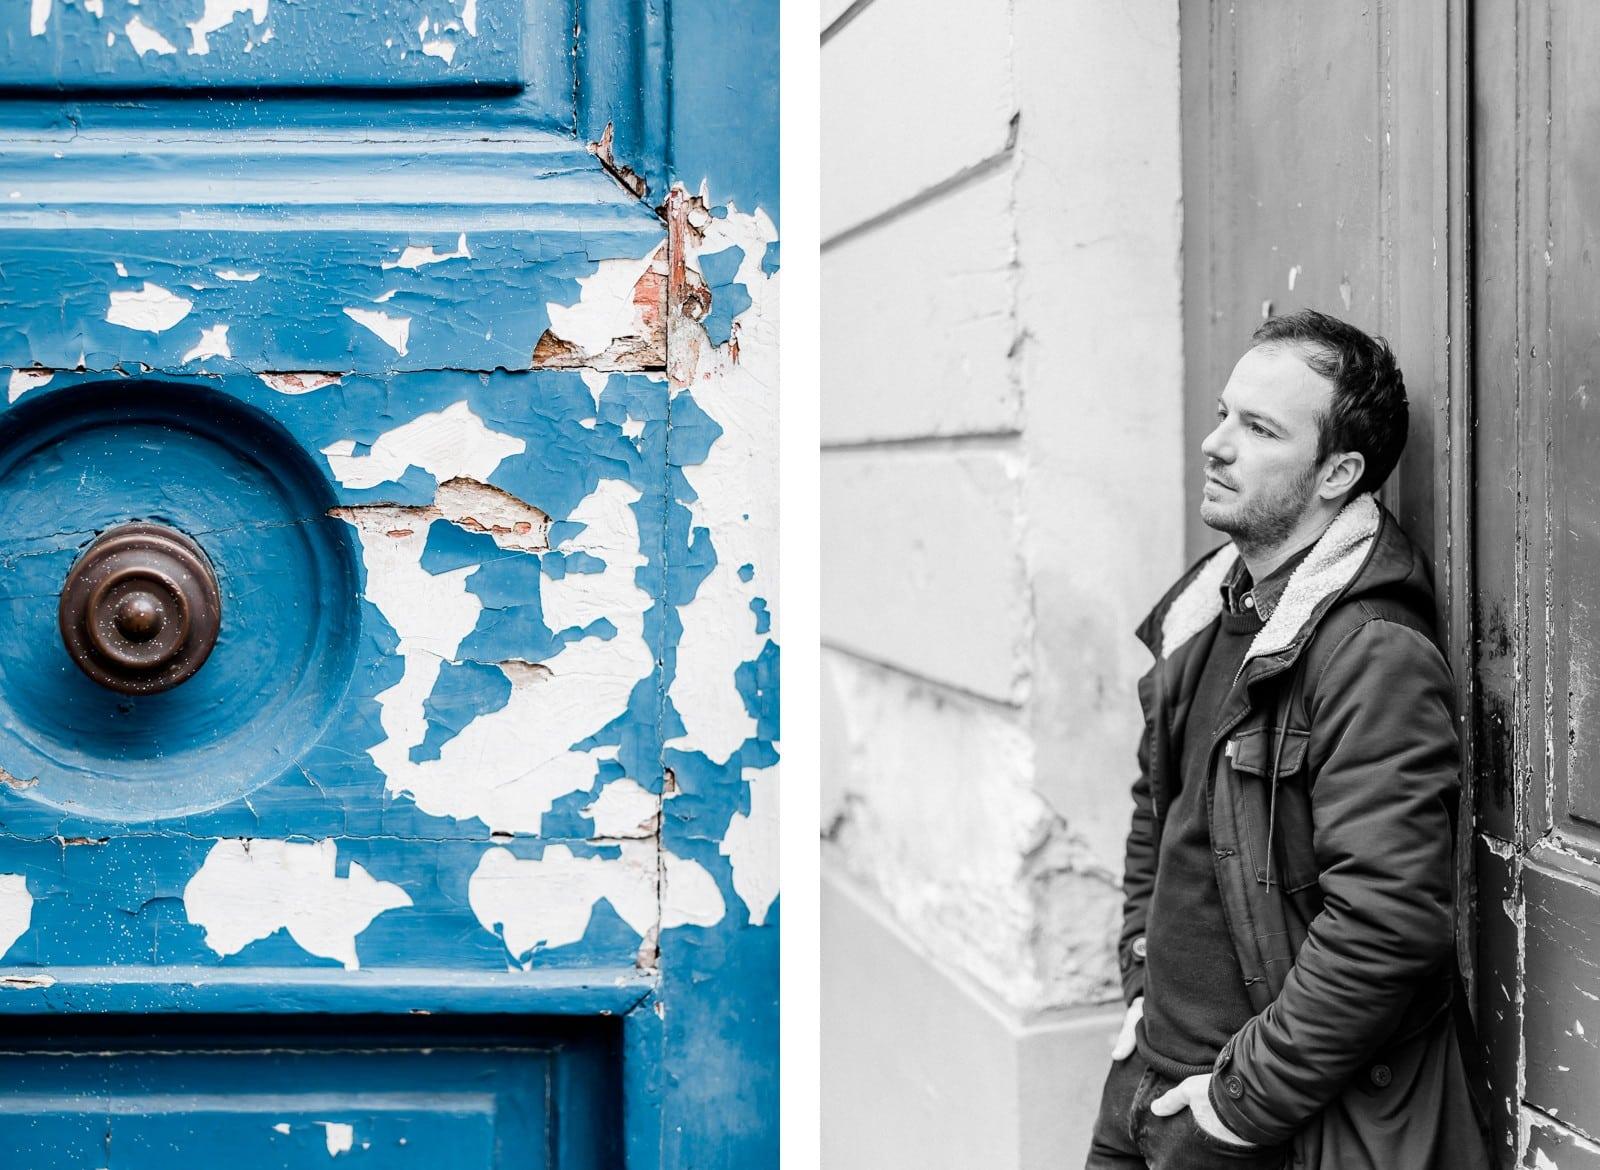 Photographie de Mathieu Dété, photographe de mariage et portrait sur l'île de la Réunion (974), présentant un portrait du chanteur Benoît Dorémus contre une porte bleue